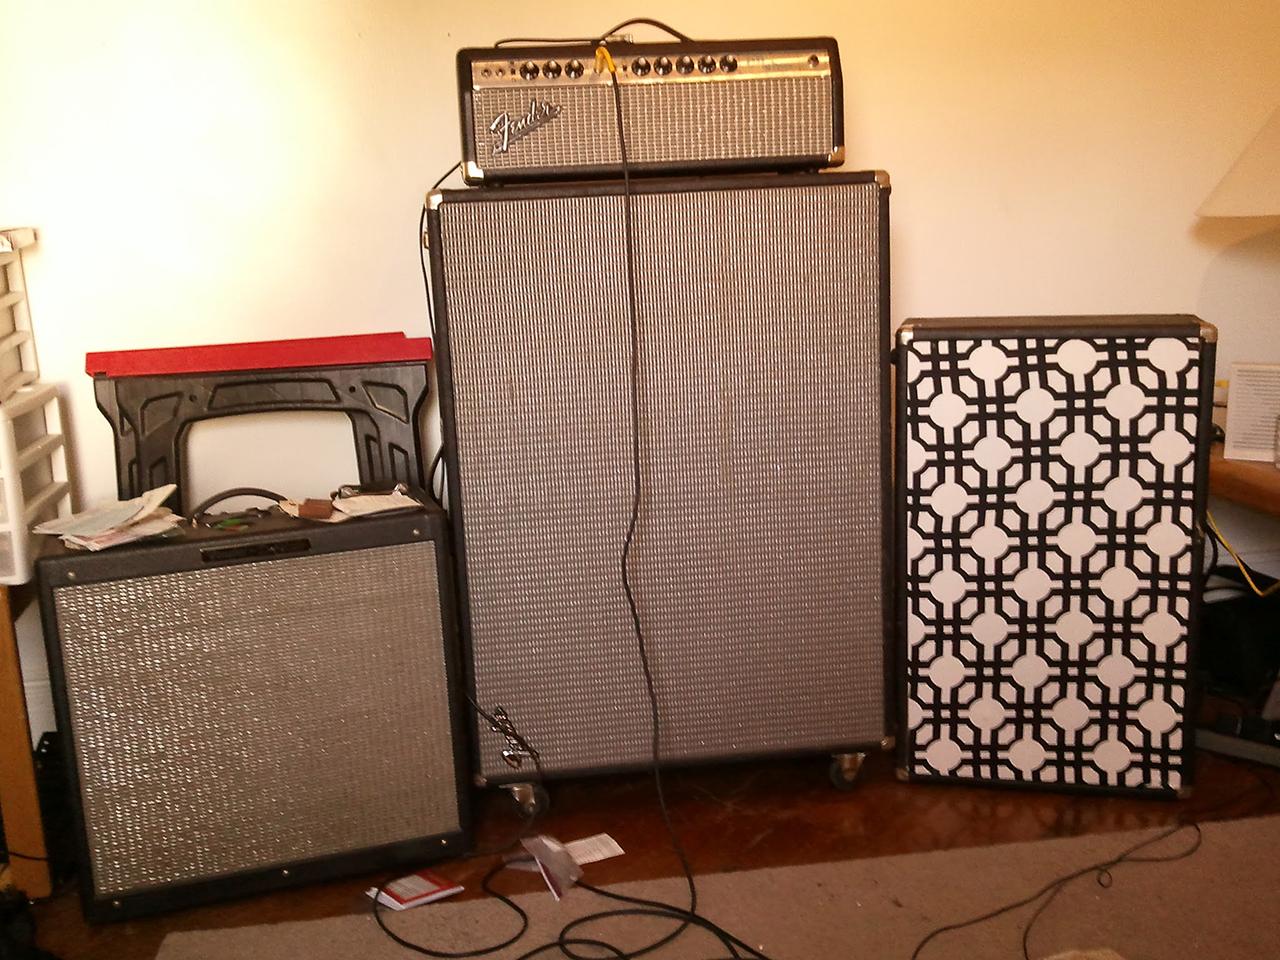 Fender Bandmaster Speaker Cabinet Shortscale View Topic Ncd Fender Bandmaster Cabinet